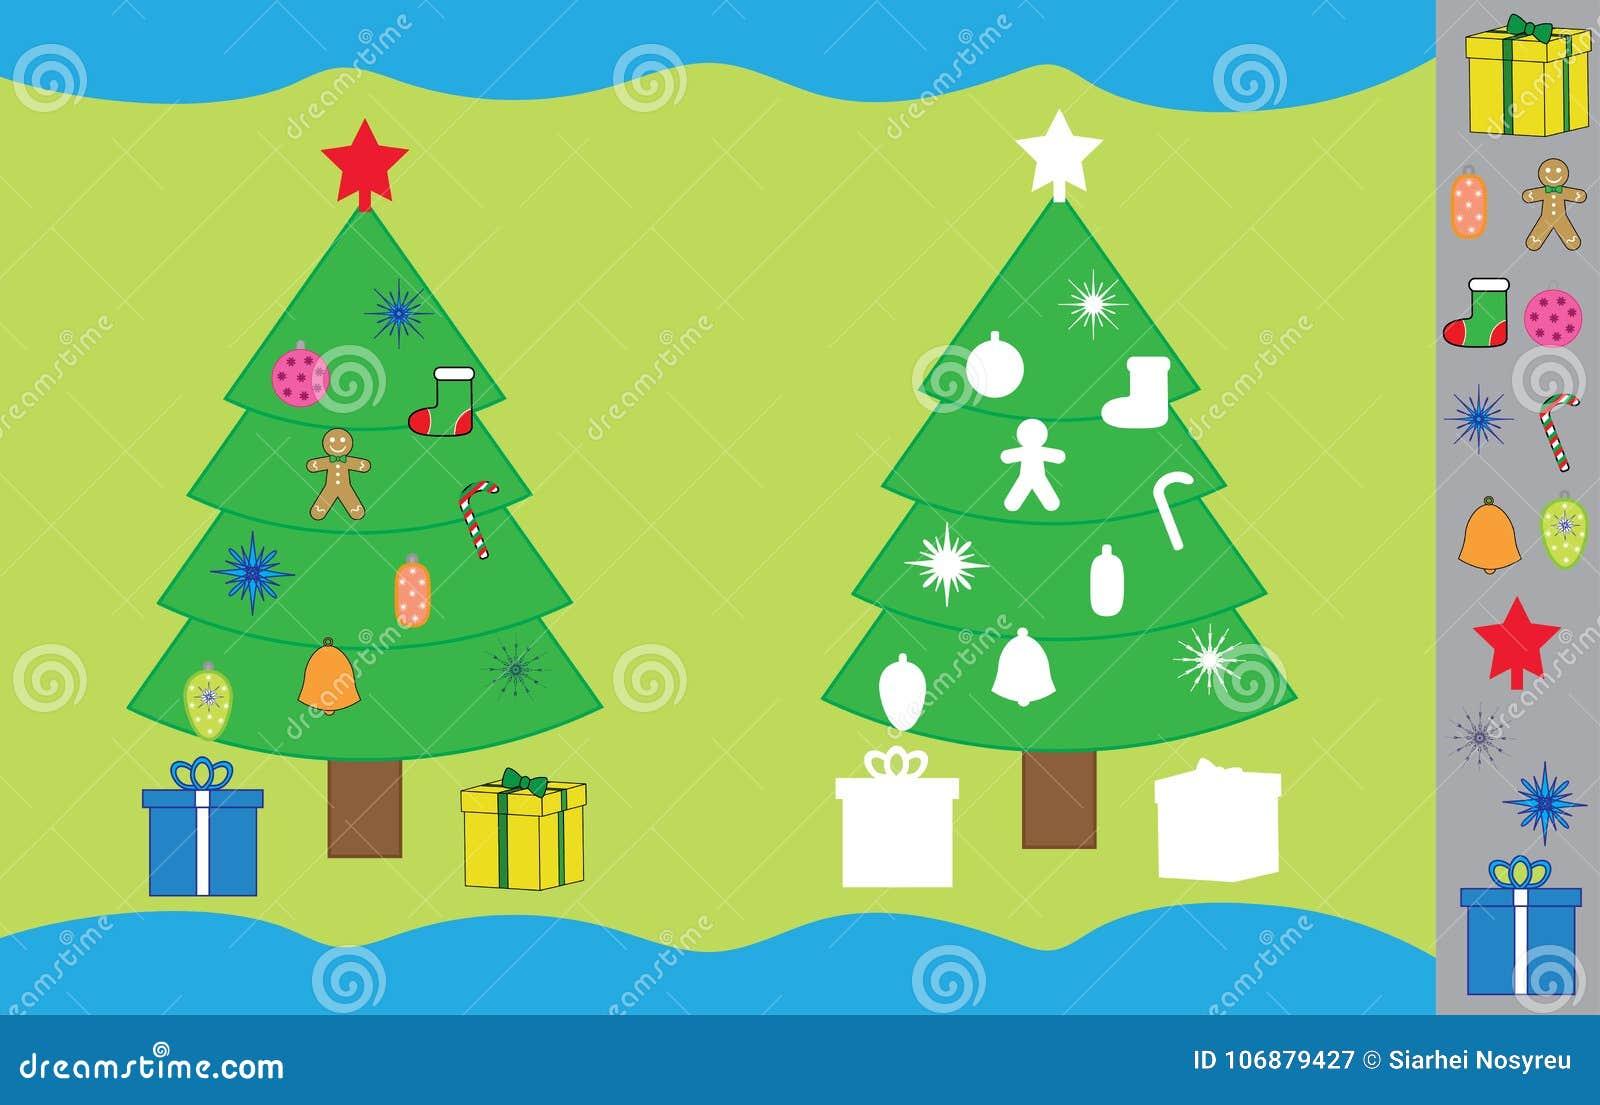 Juego Con Ano Nuevo Arbol De Navidad De Las Etiquetas Engomadas